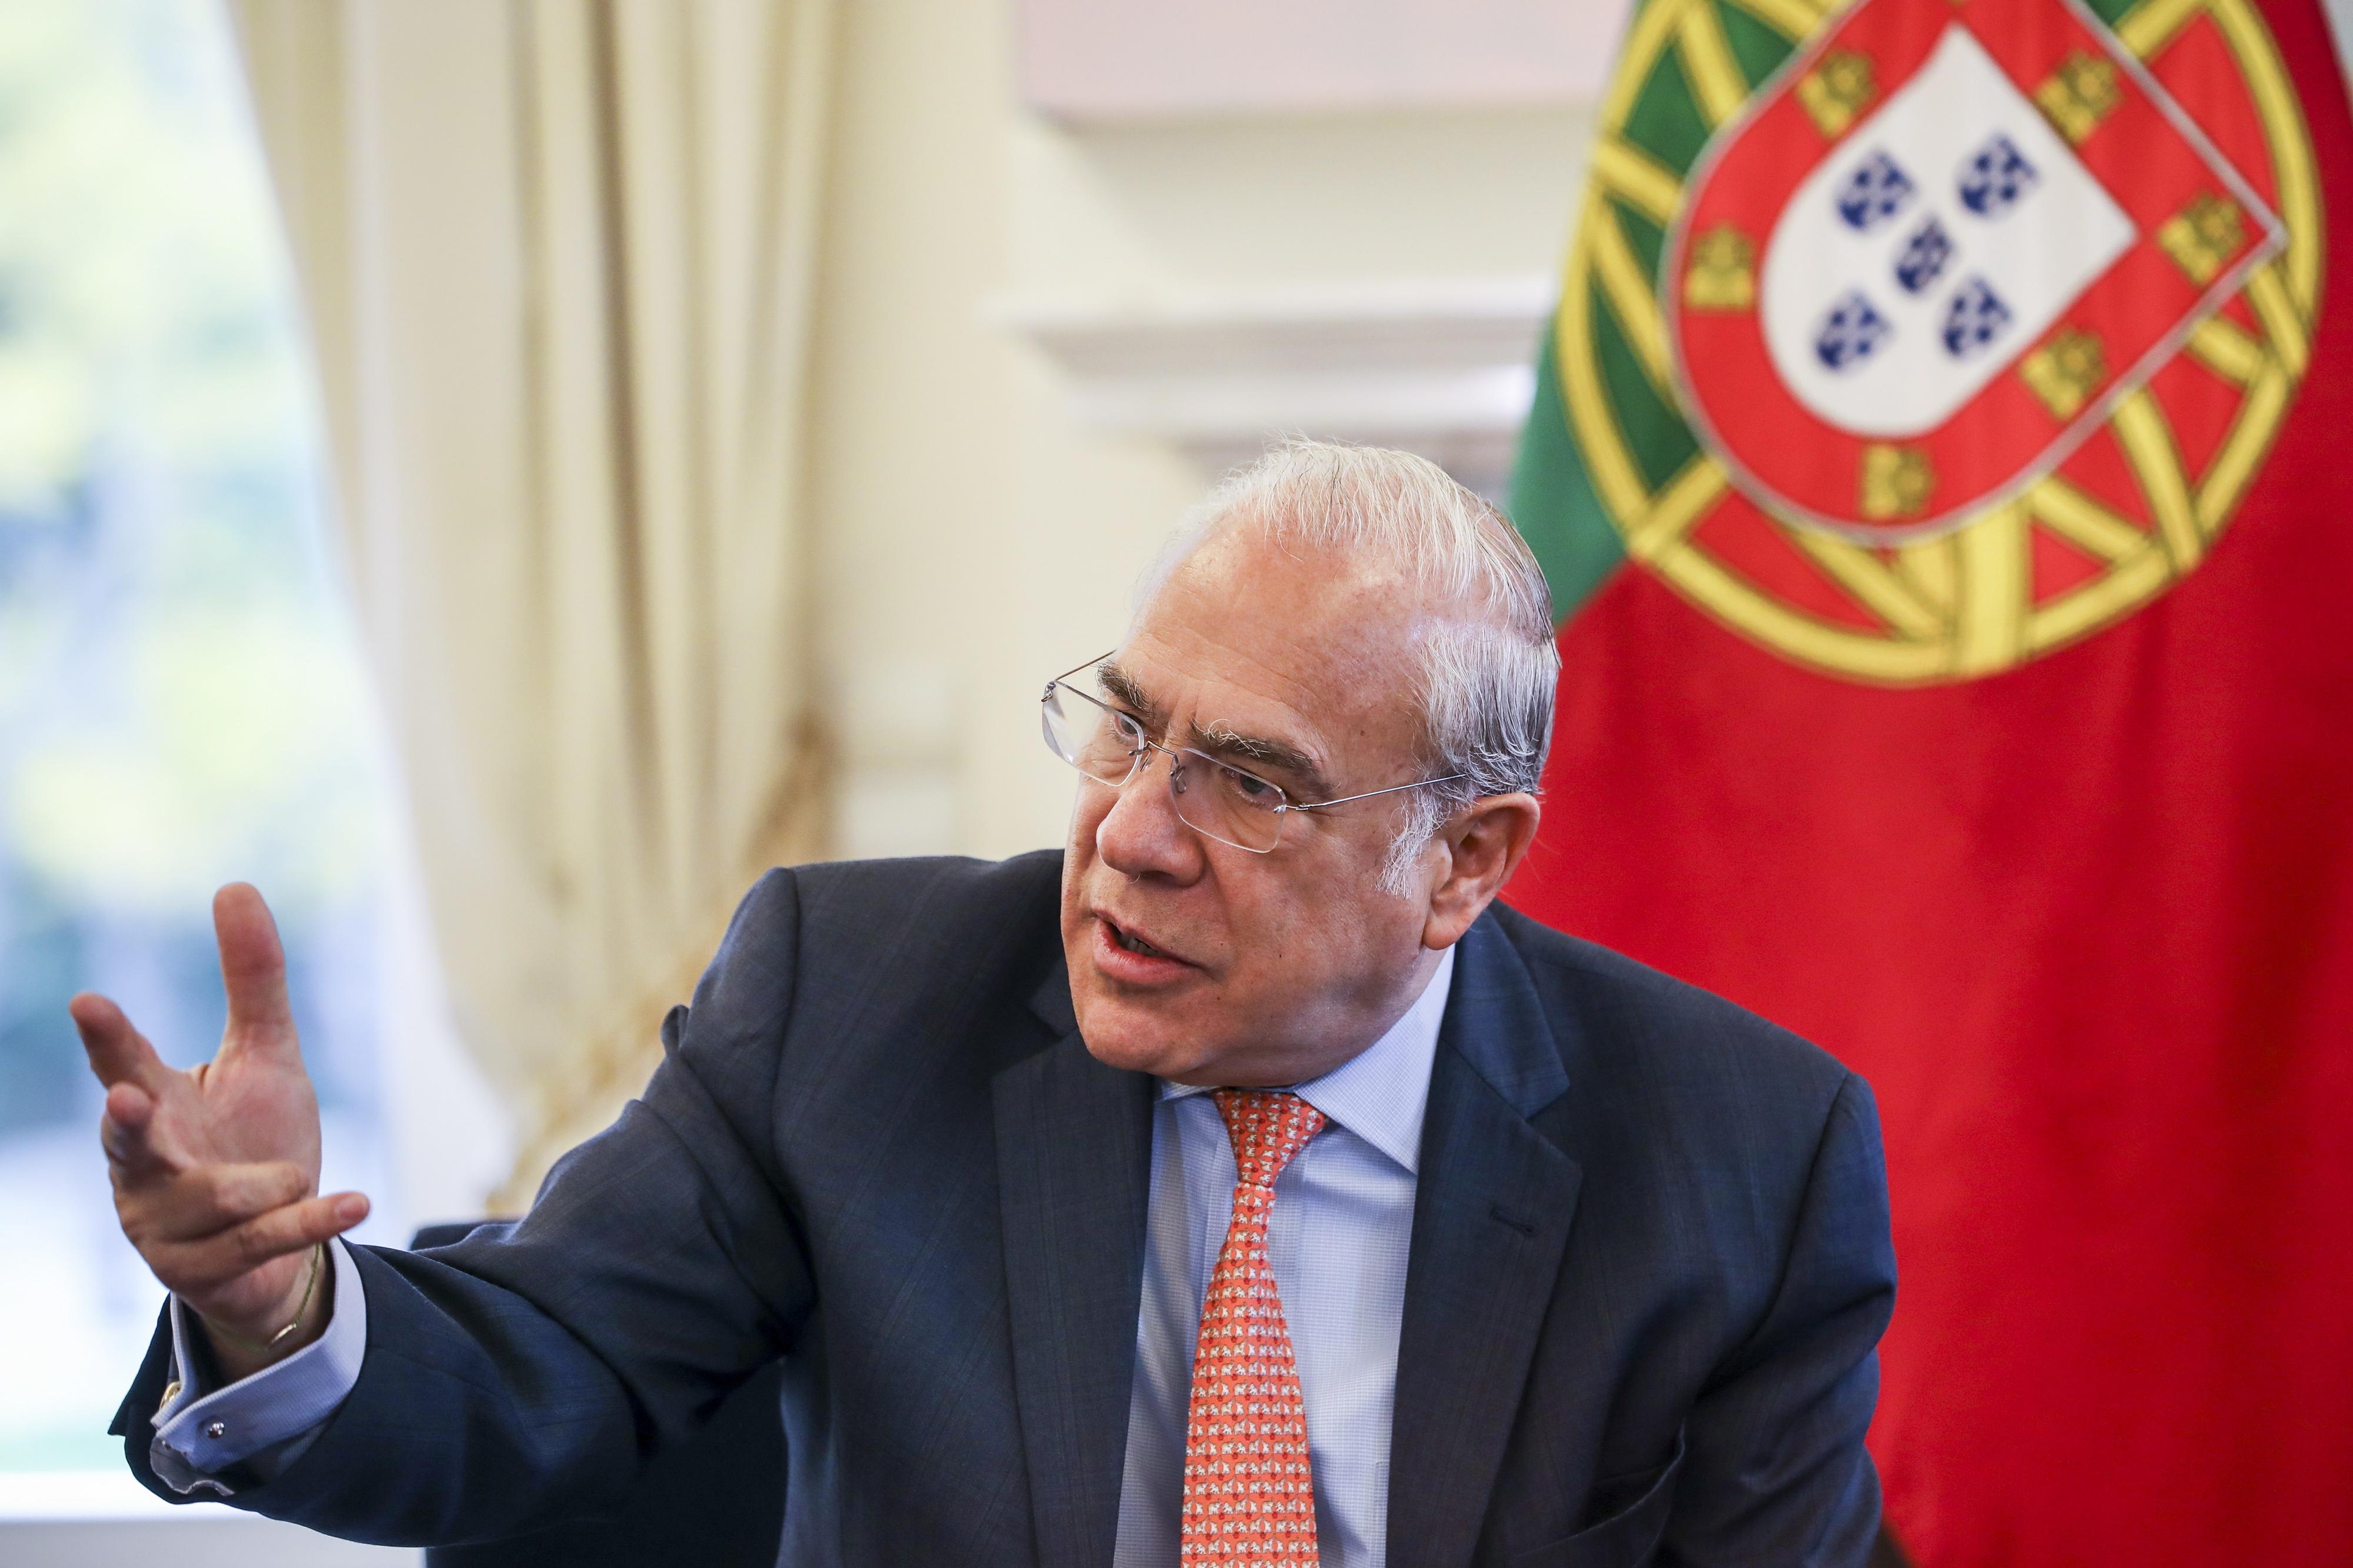 Governo português é quase exceção na Europa, afirma Angel Gurría